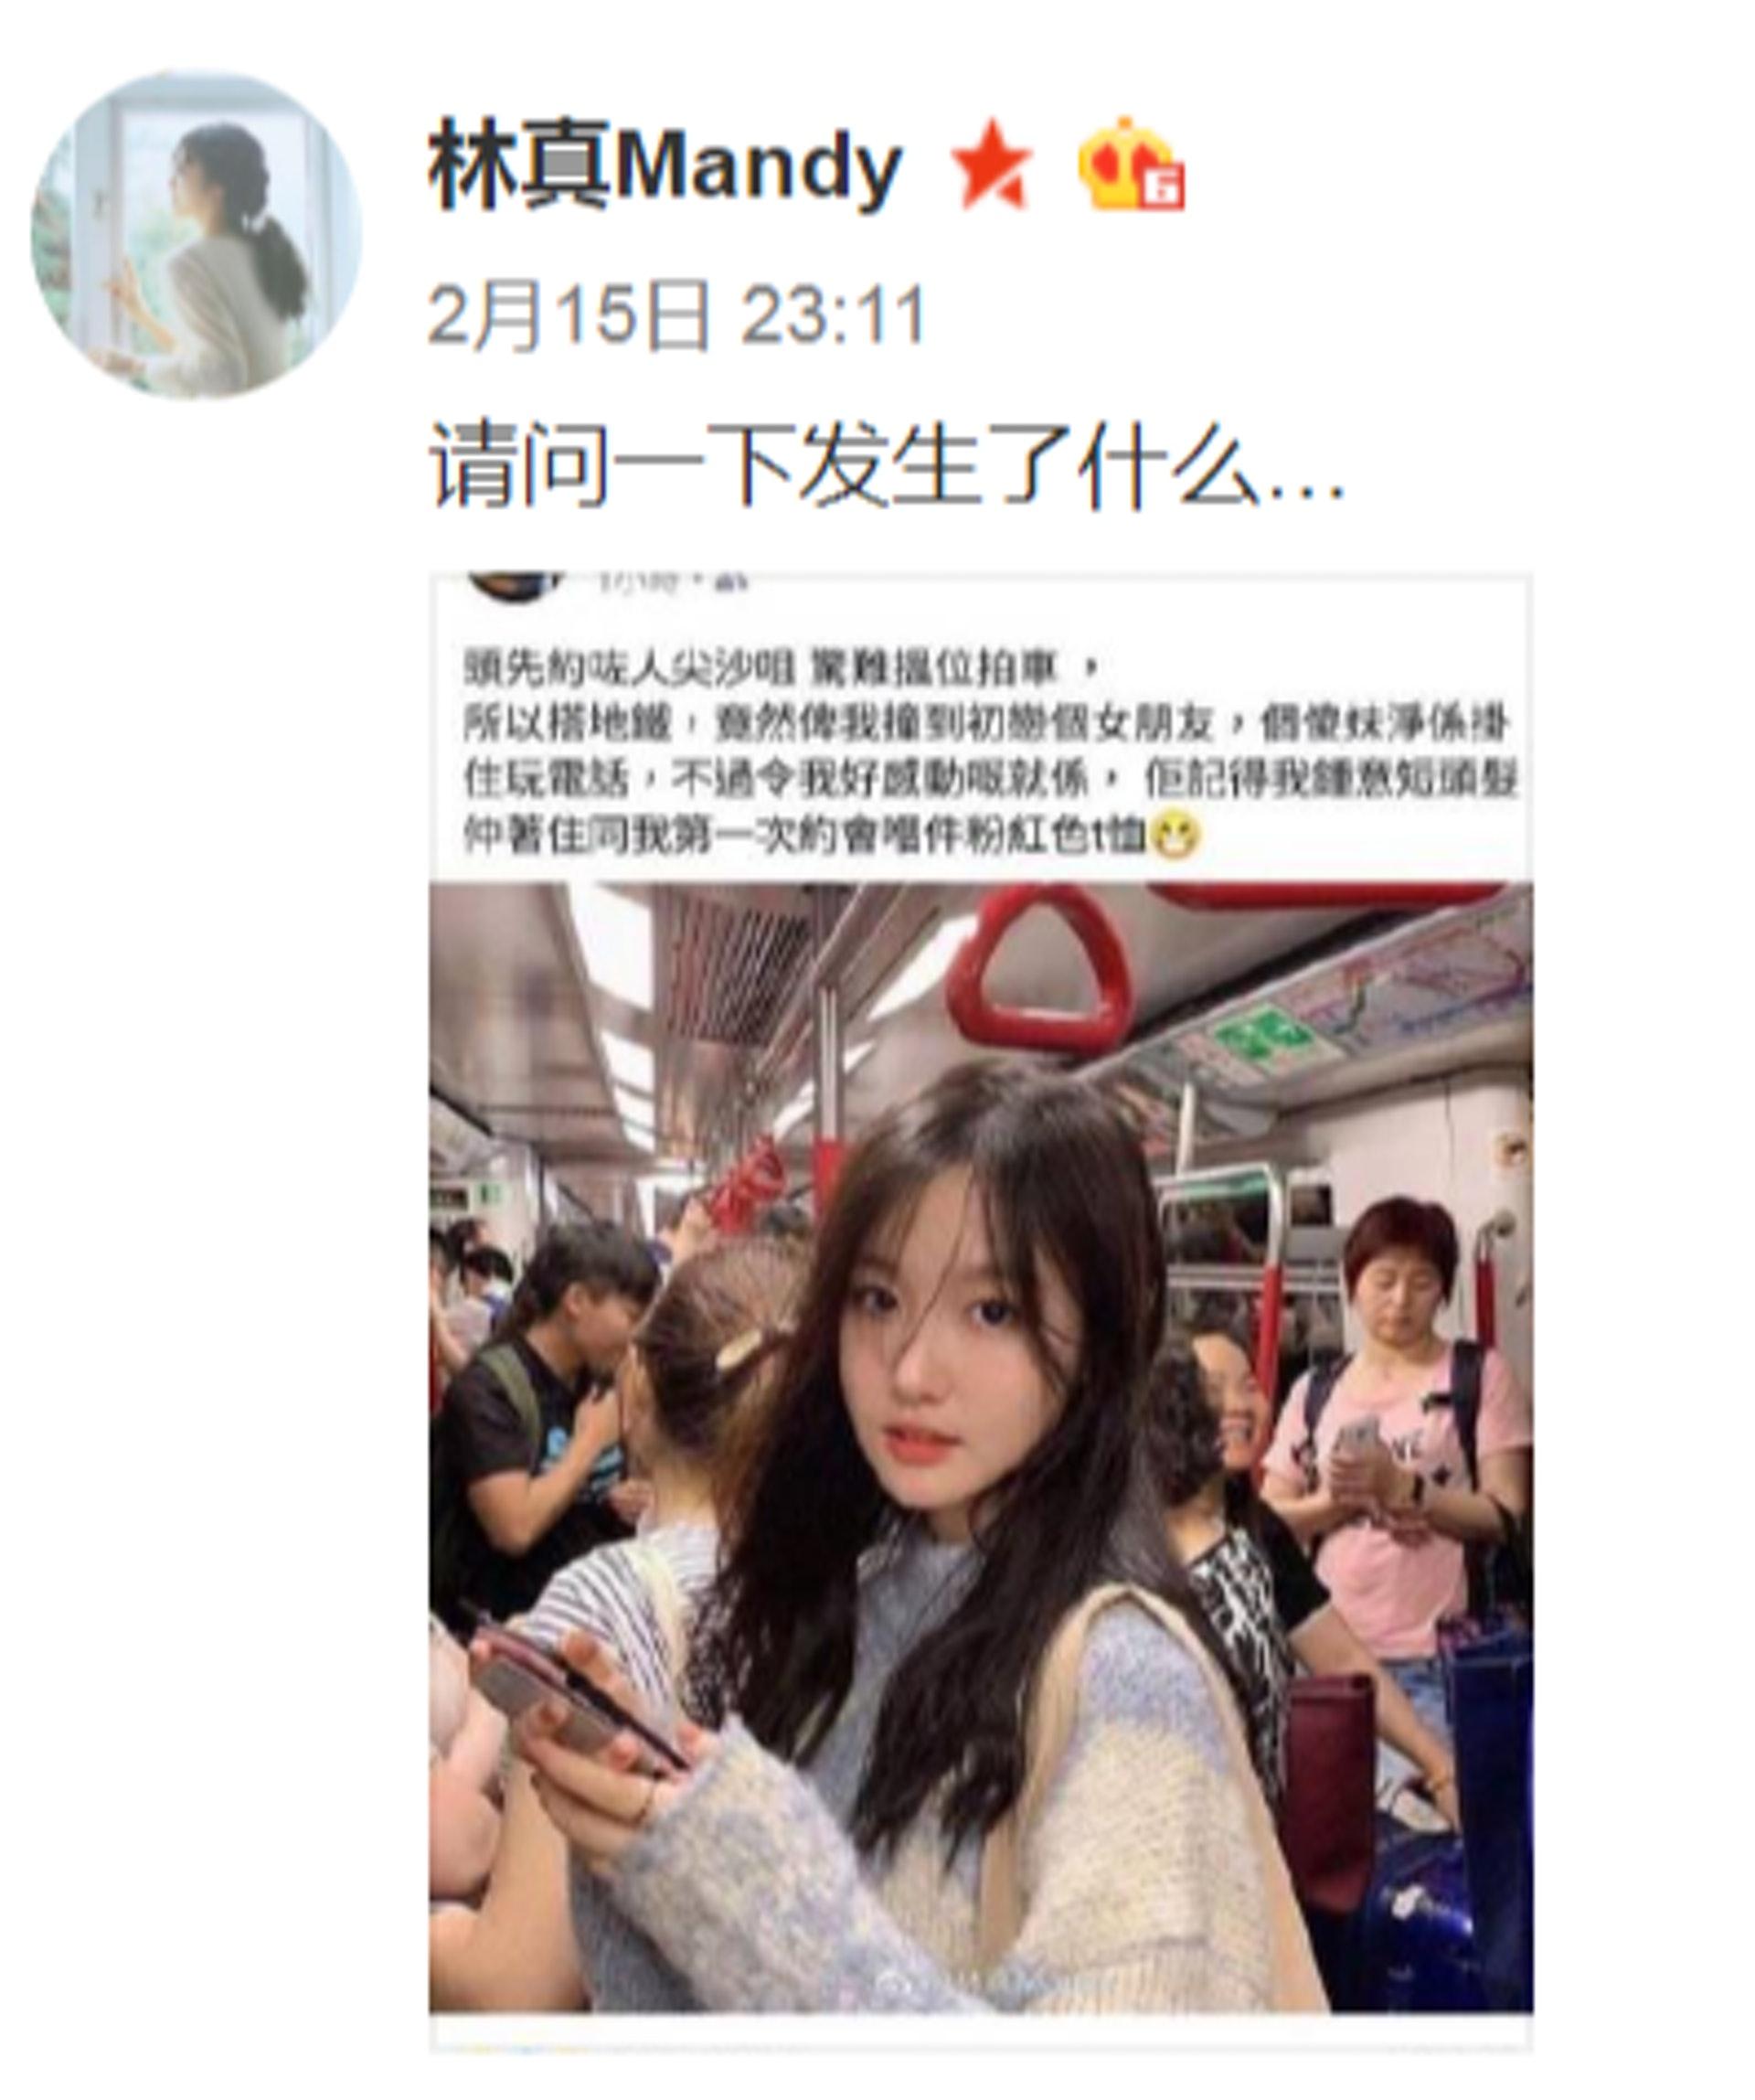 林真昨晚發現自己去年10月在港鐵拍攝的照片,被盜用成「潮文」後,大感無奈不禁發帖問道:「請問一下發生了什麼?」(微博「林真Mandy」截圖)